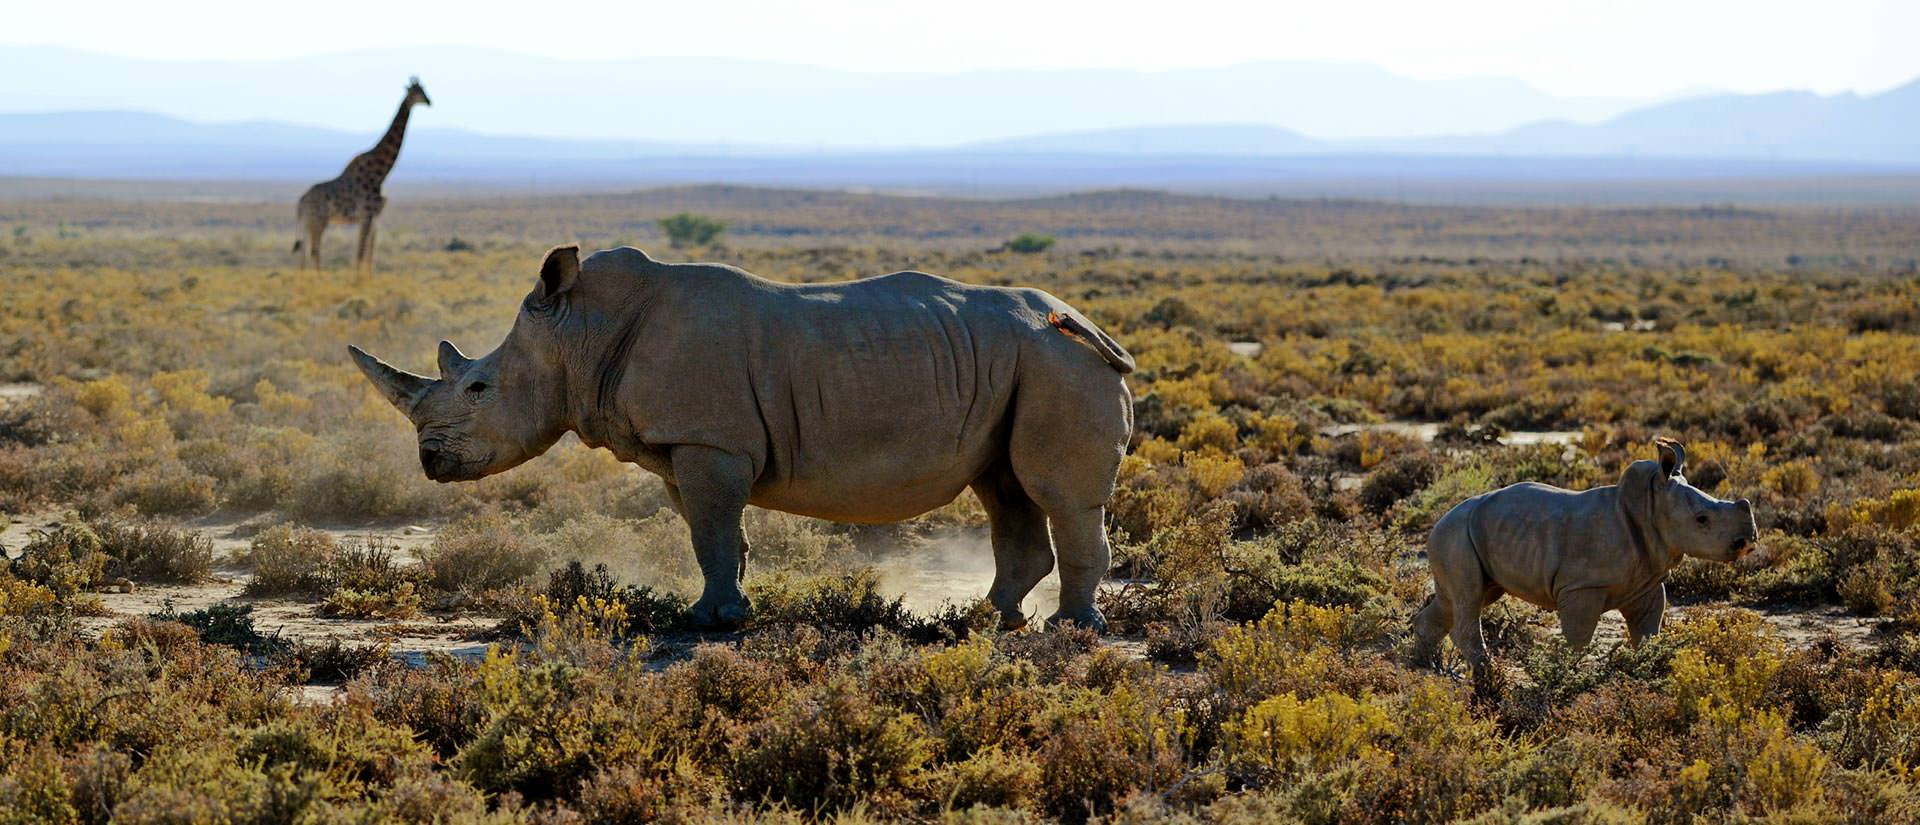 אתרים נבחרים בדרום אפריקה